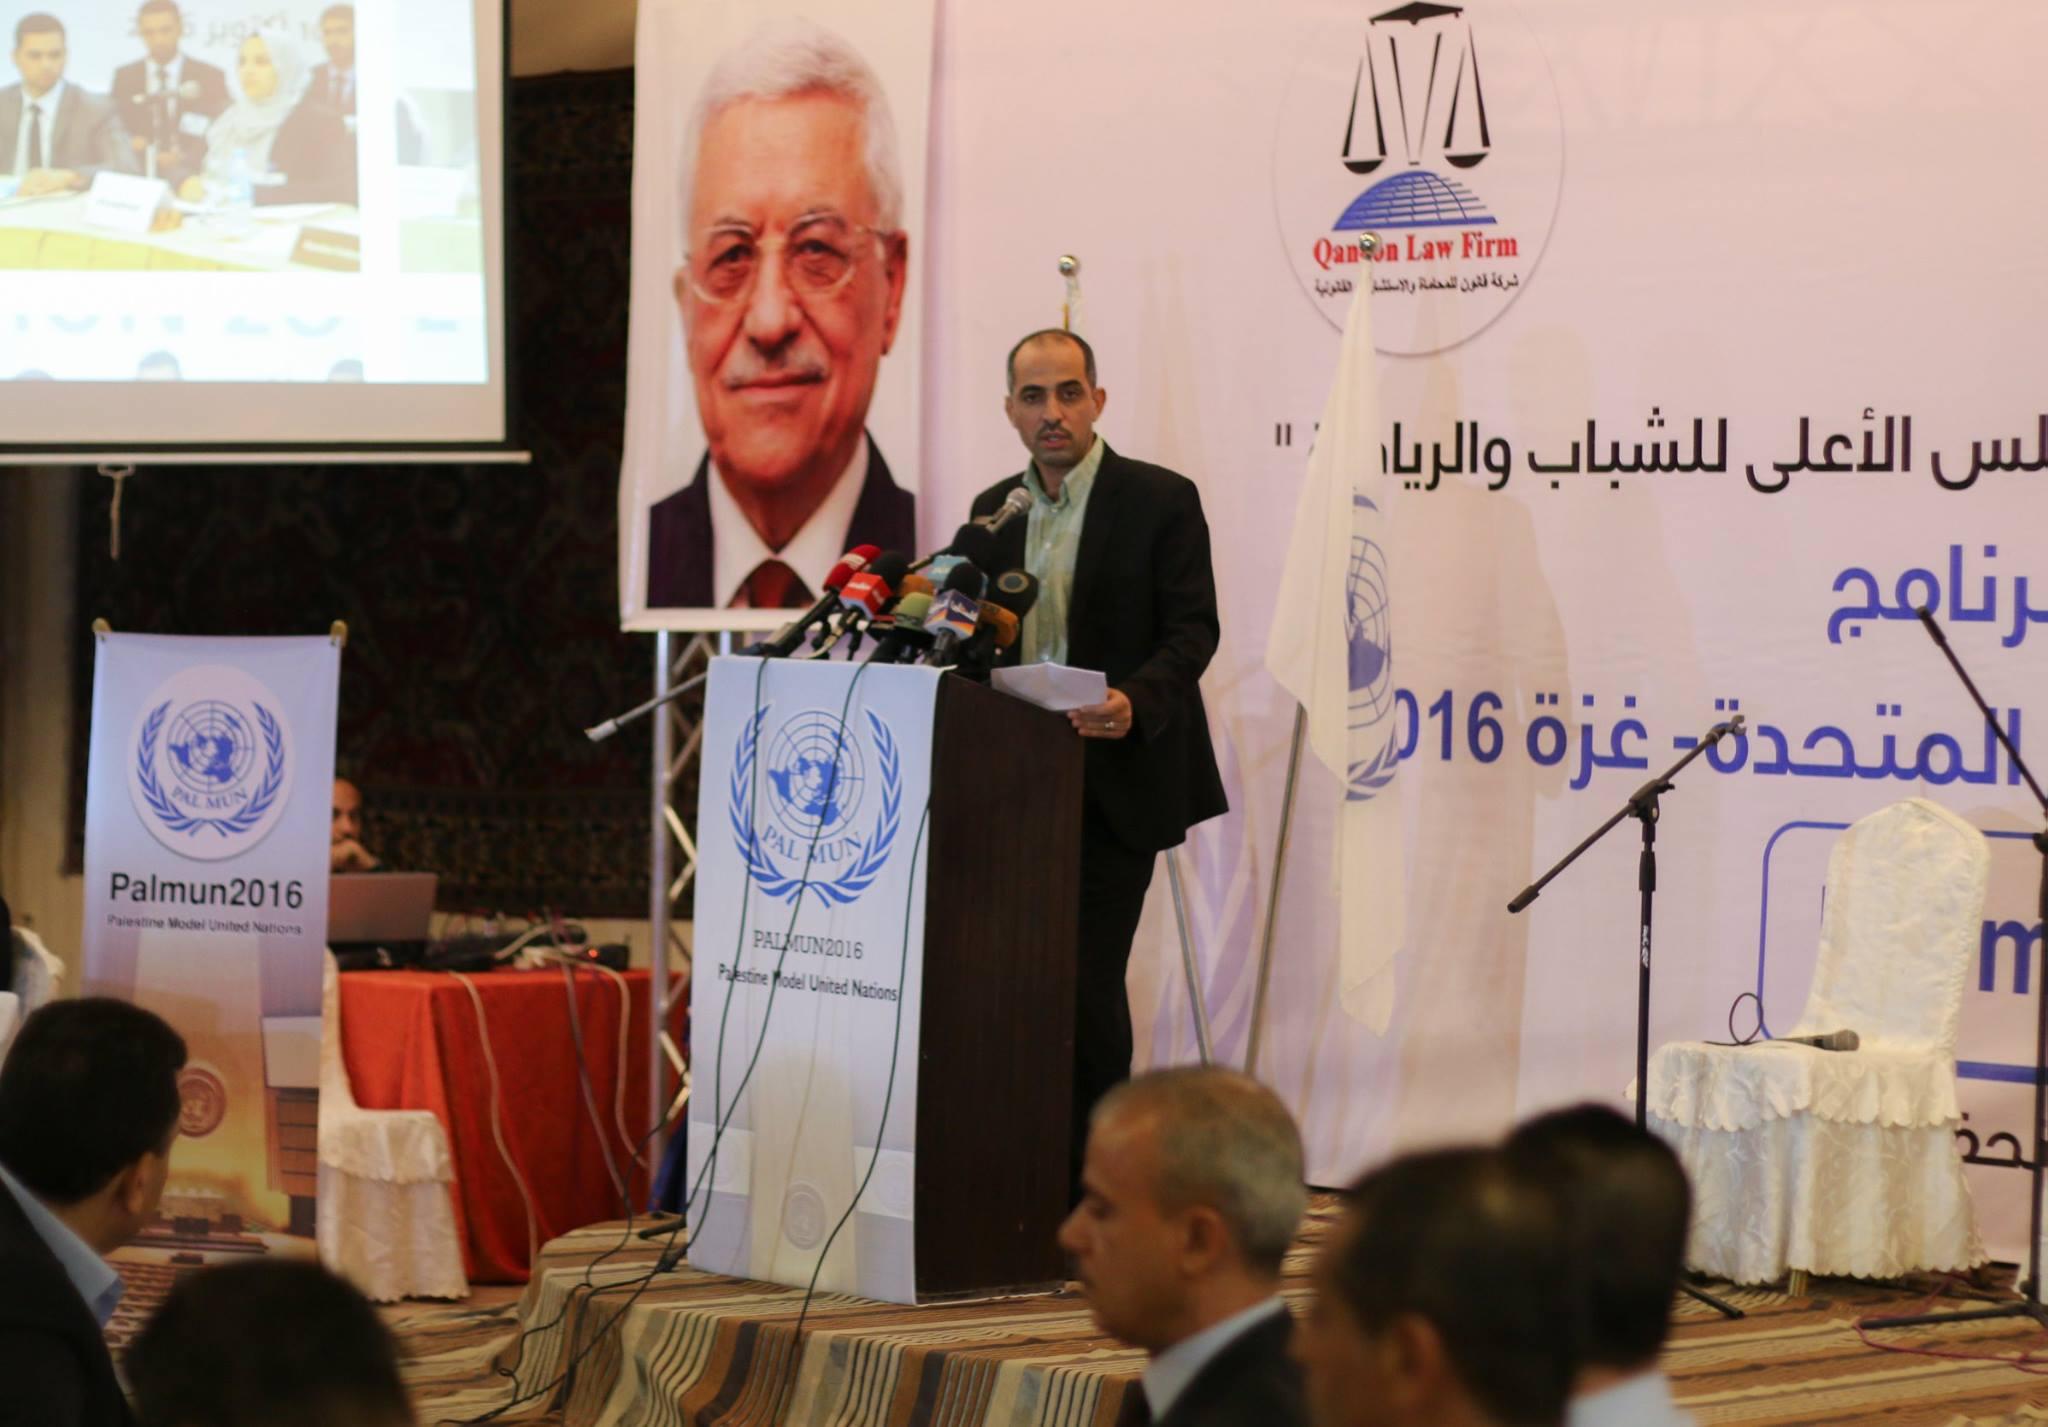 بيت الصحافة يشارك بالحفل الختامي لبرنامج محاكاة فلسطين للأمم المتحدة